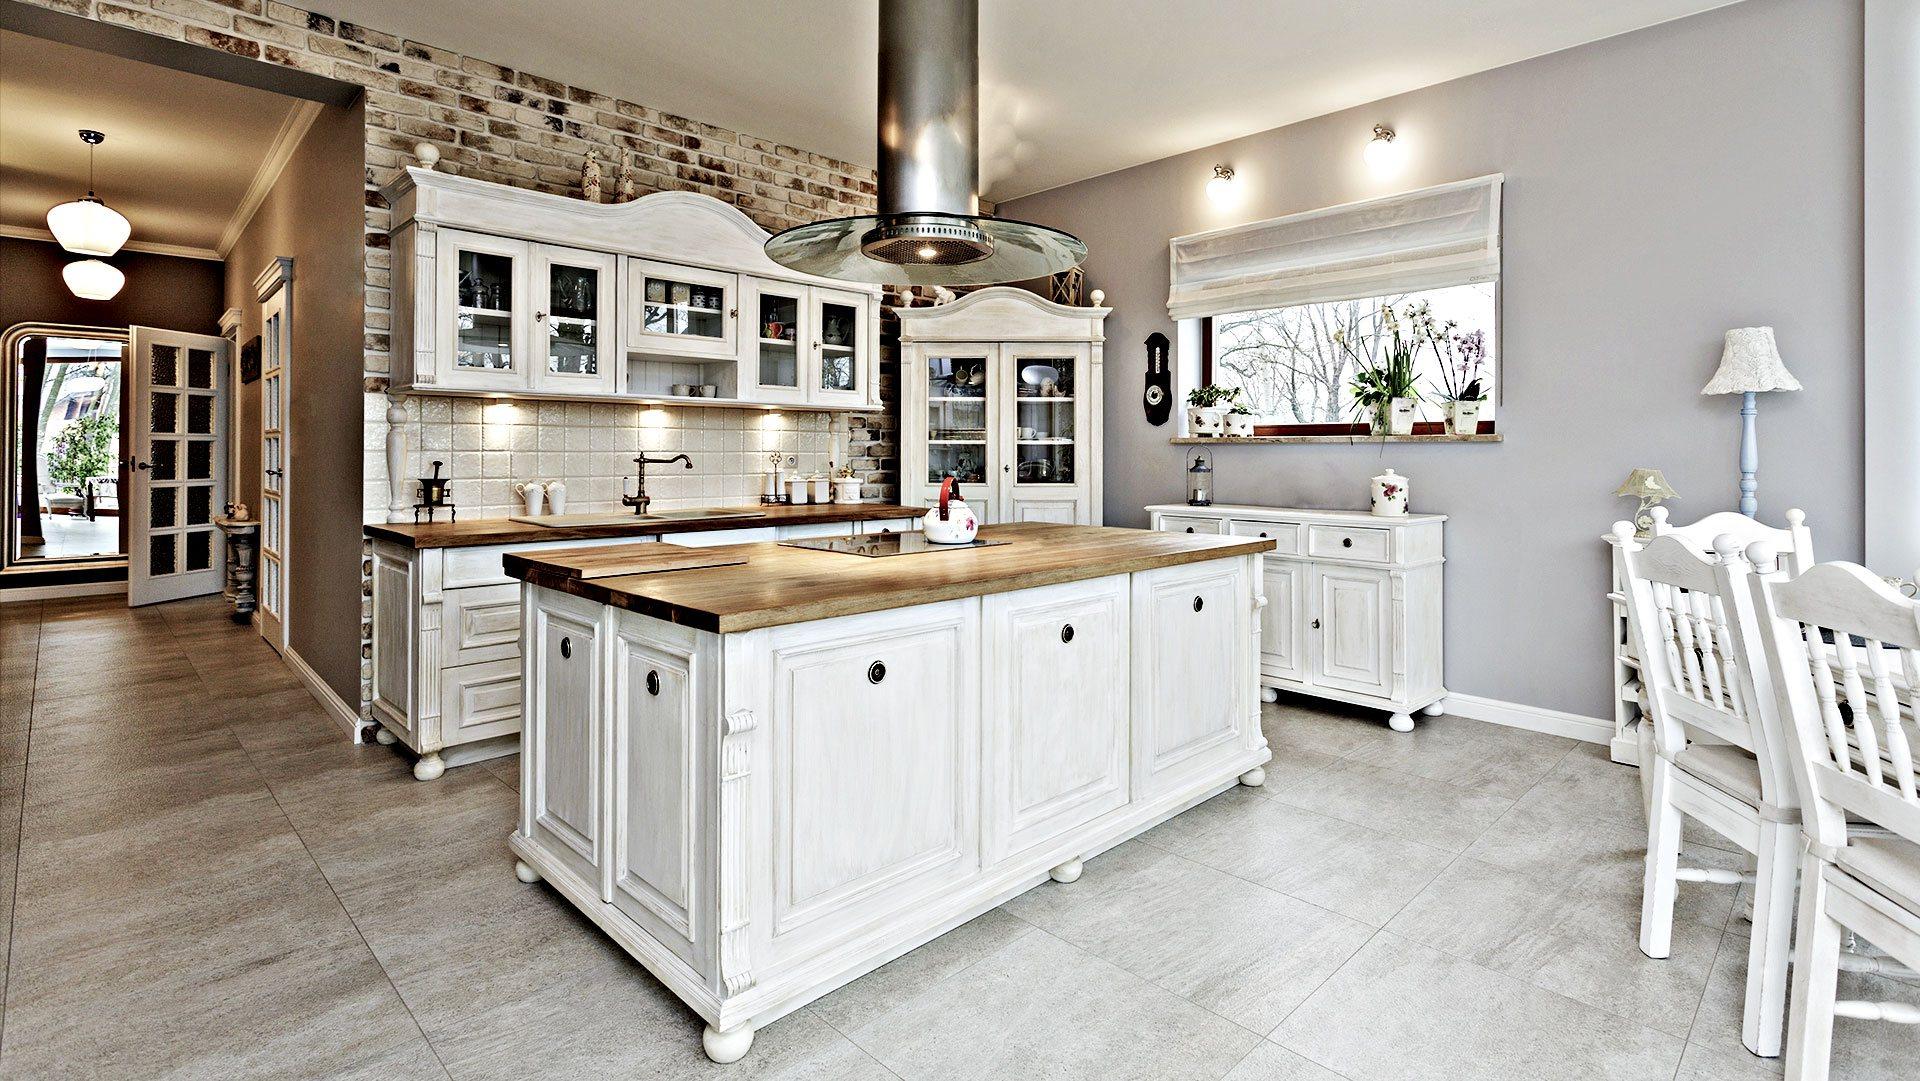 Mcfeniel Services LLC Remodeled Kitchen 2